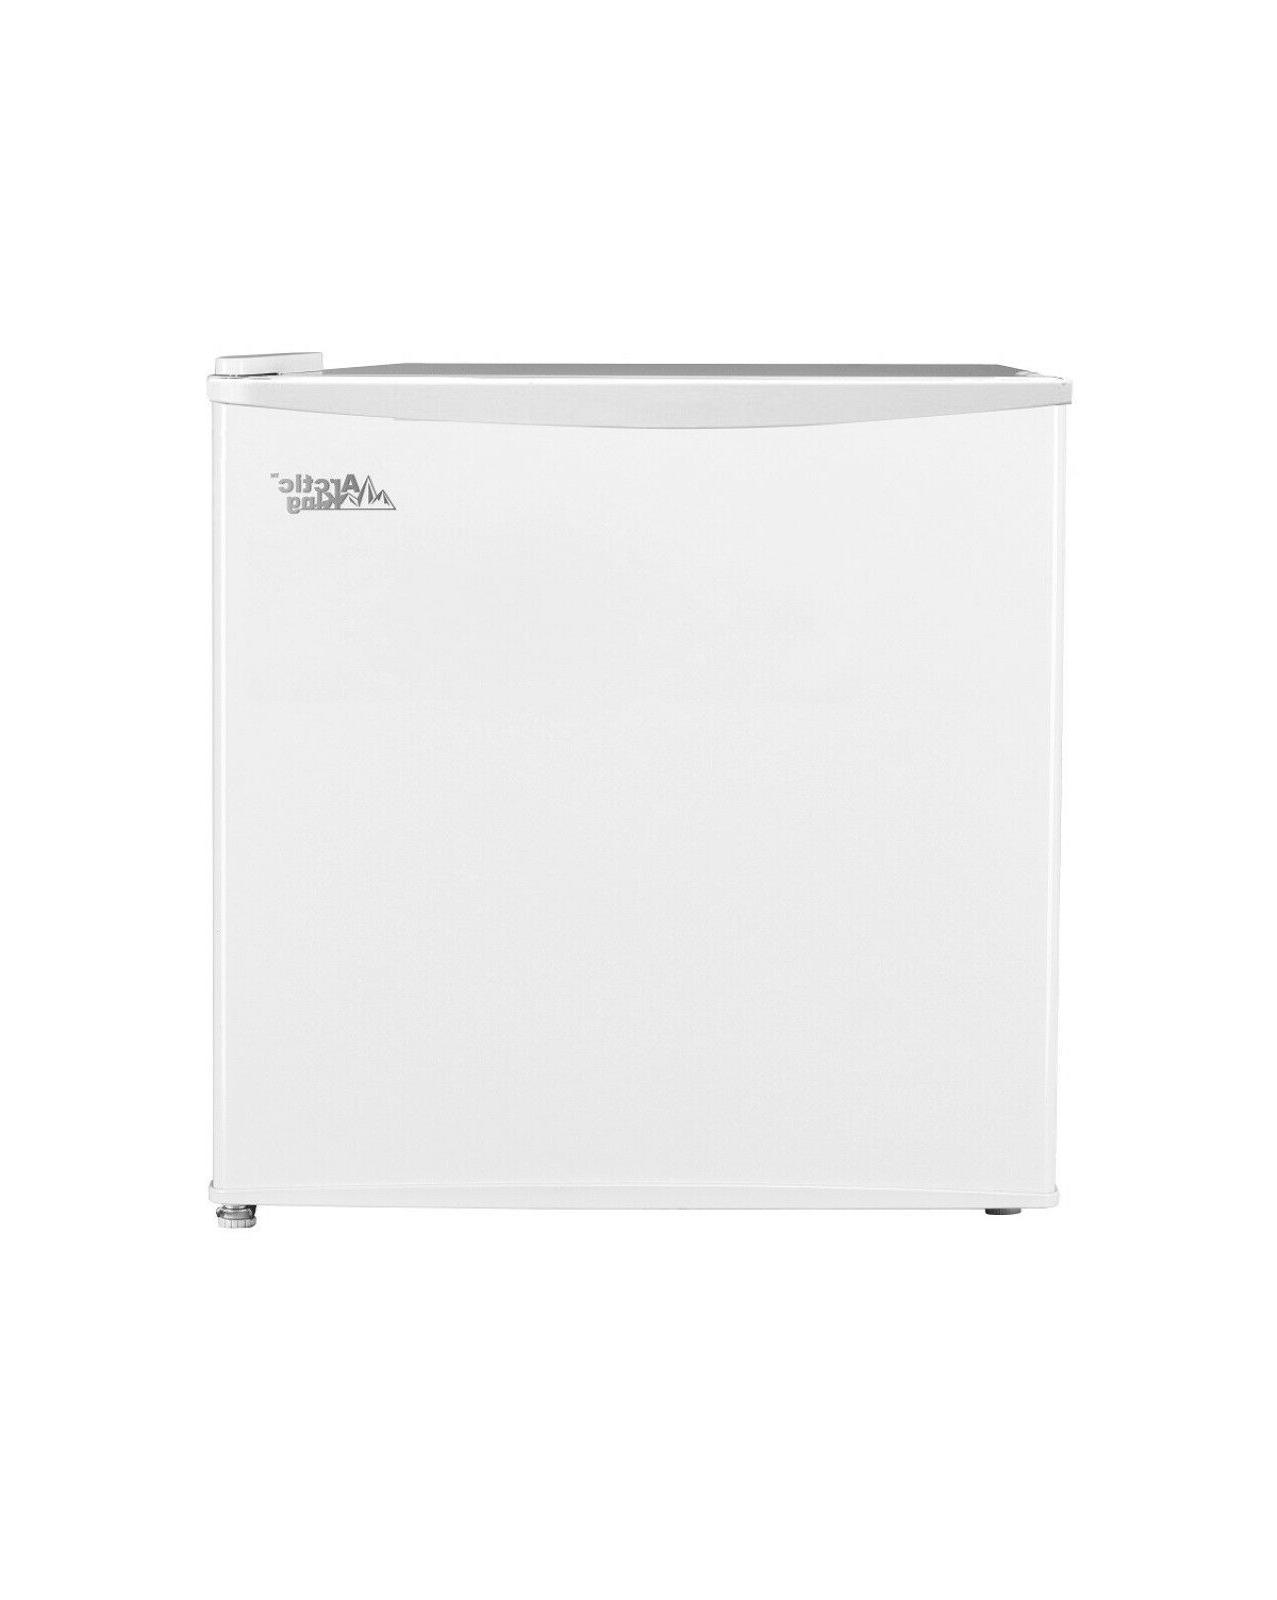 upright freezer unit 1 1 cu ft